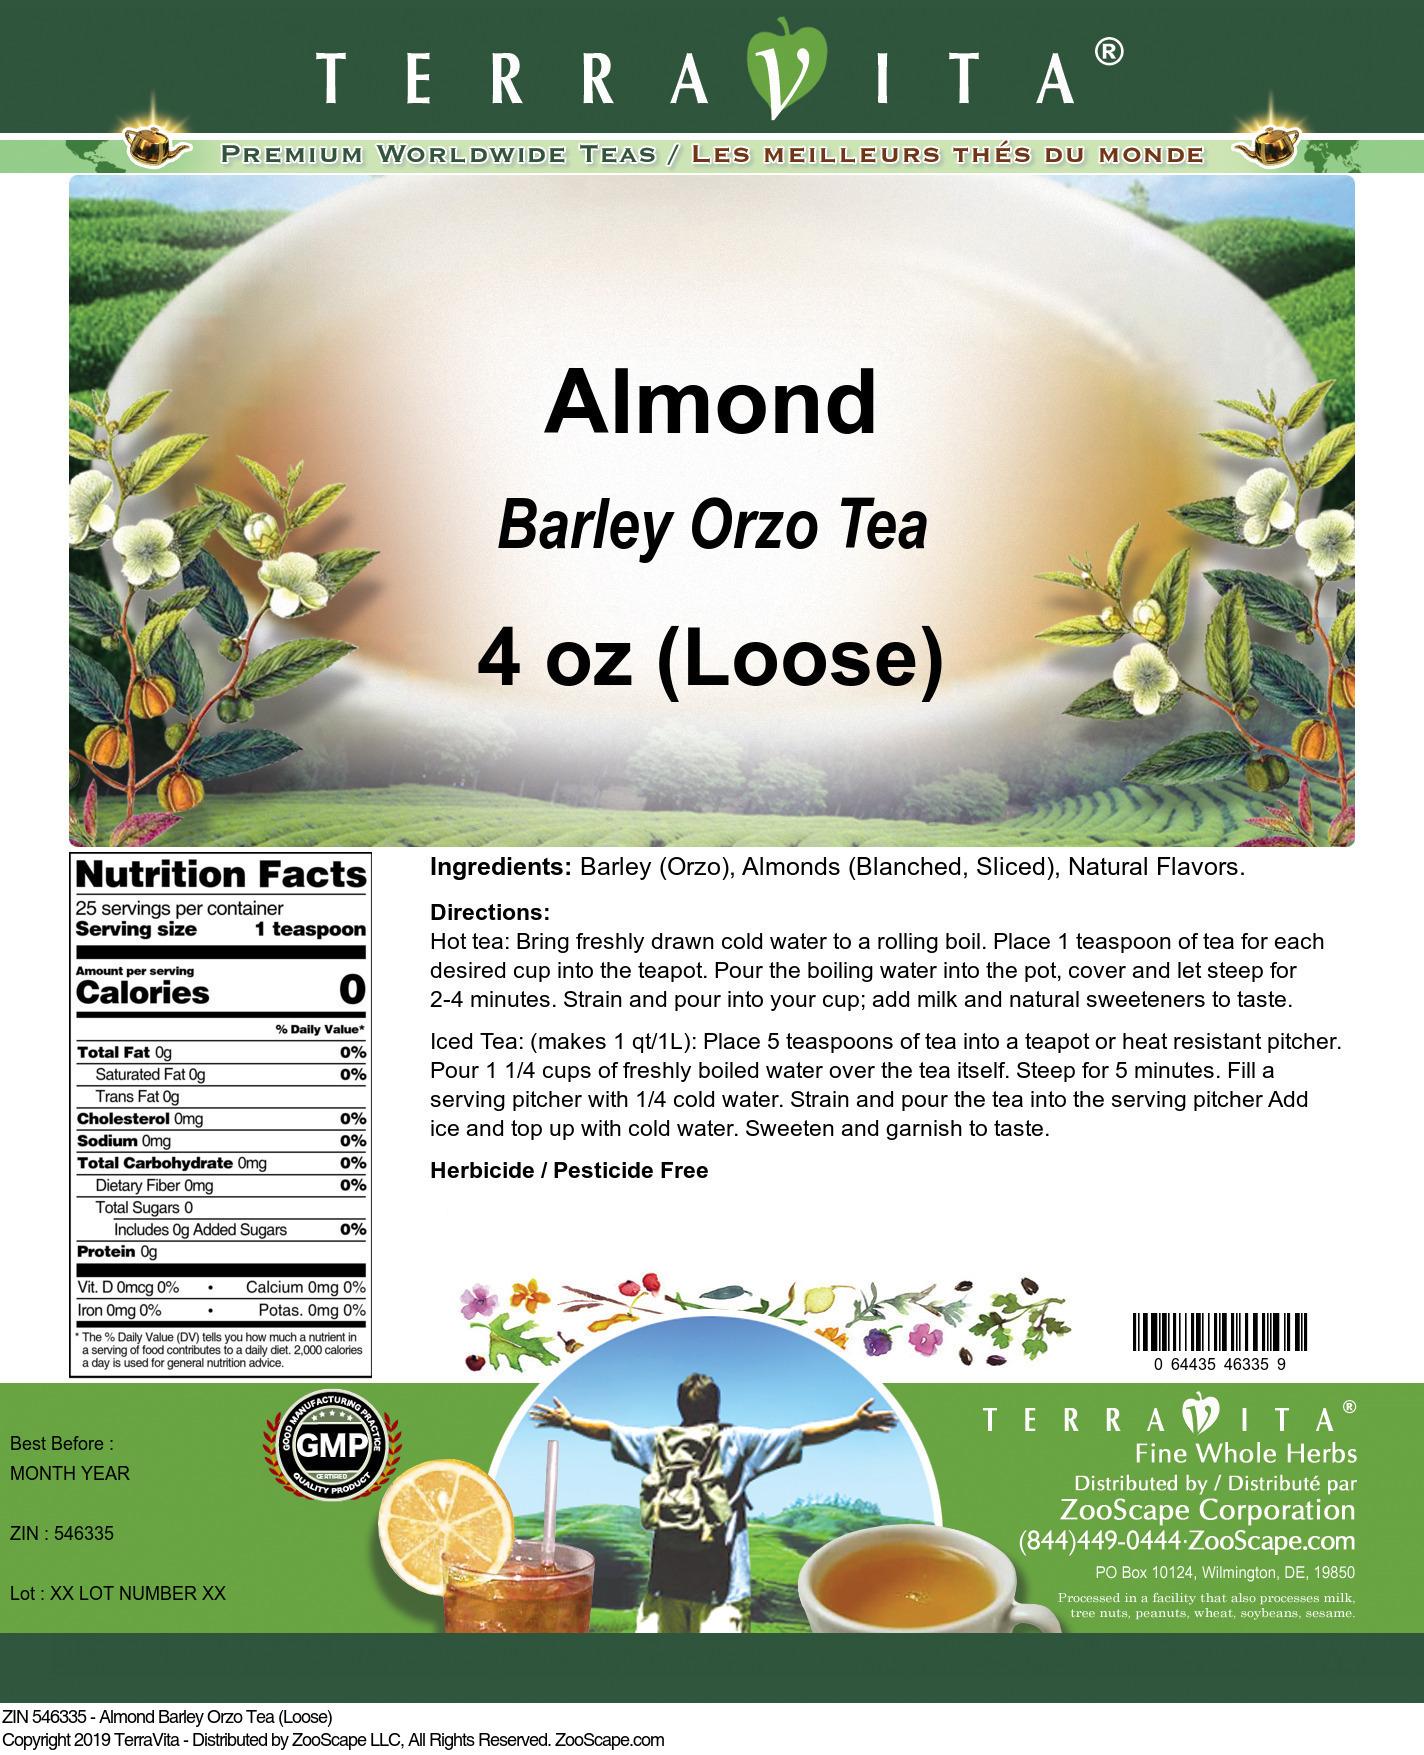 Almond Barley Orzo